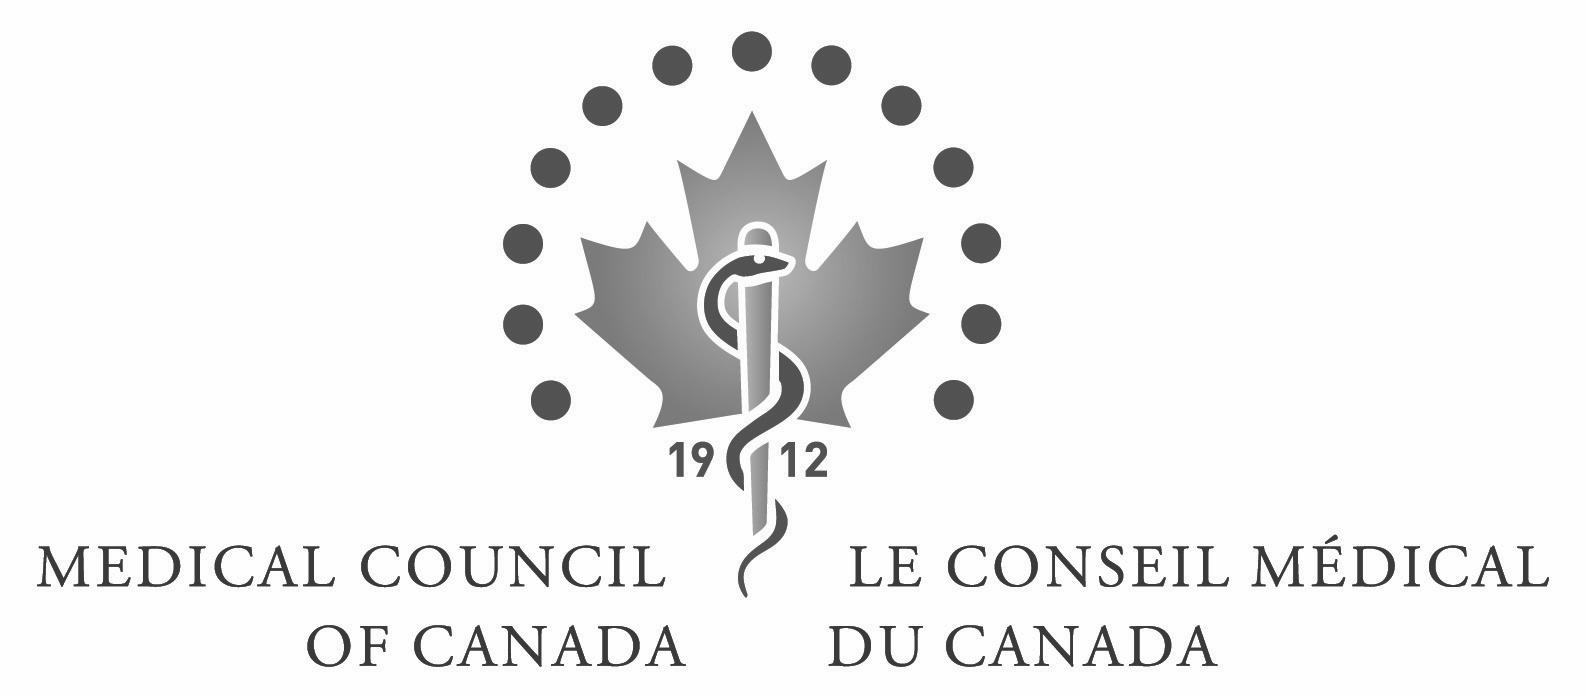 Le Conseil médical du Canada